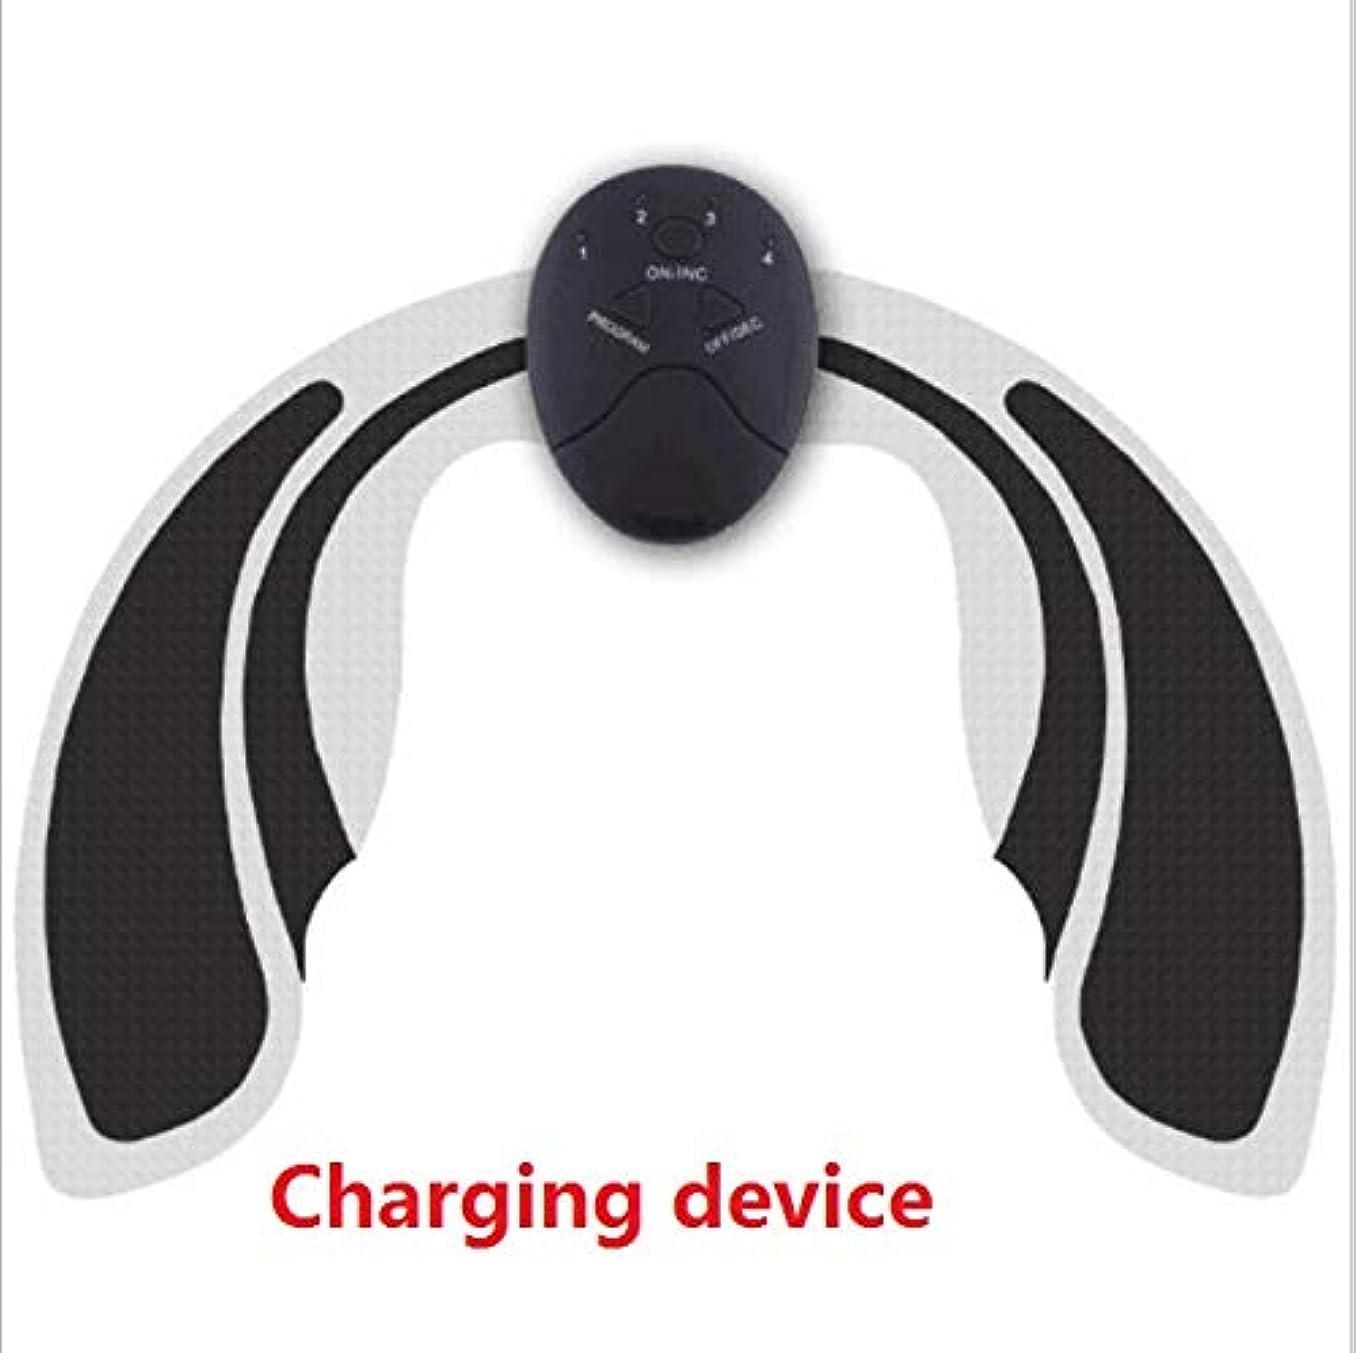 KTYX ユニセックスヒップデバイスFengqi美容ウエストシェイピングボディインストゥルメンツEMSインテリジェントマッサージ機器 マッサージャー (色 : Charging type)